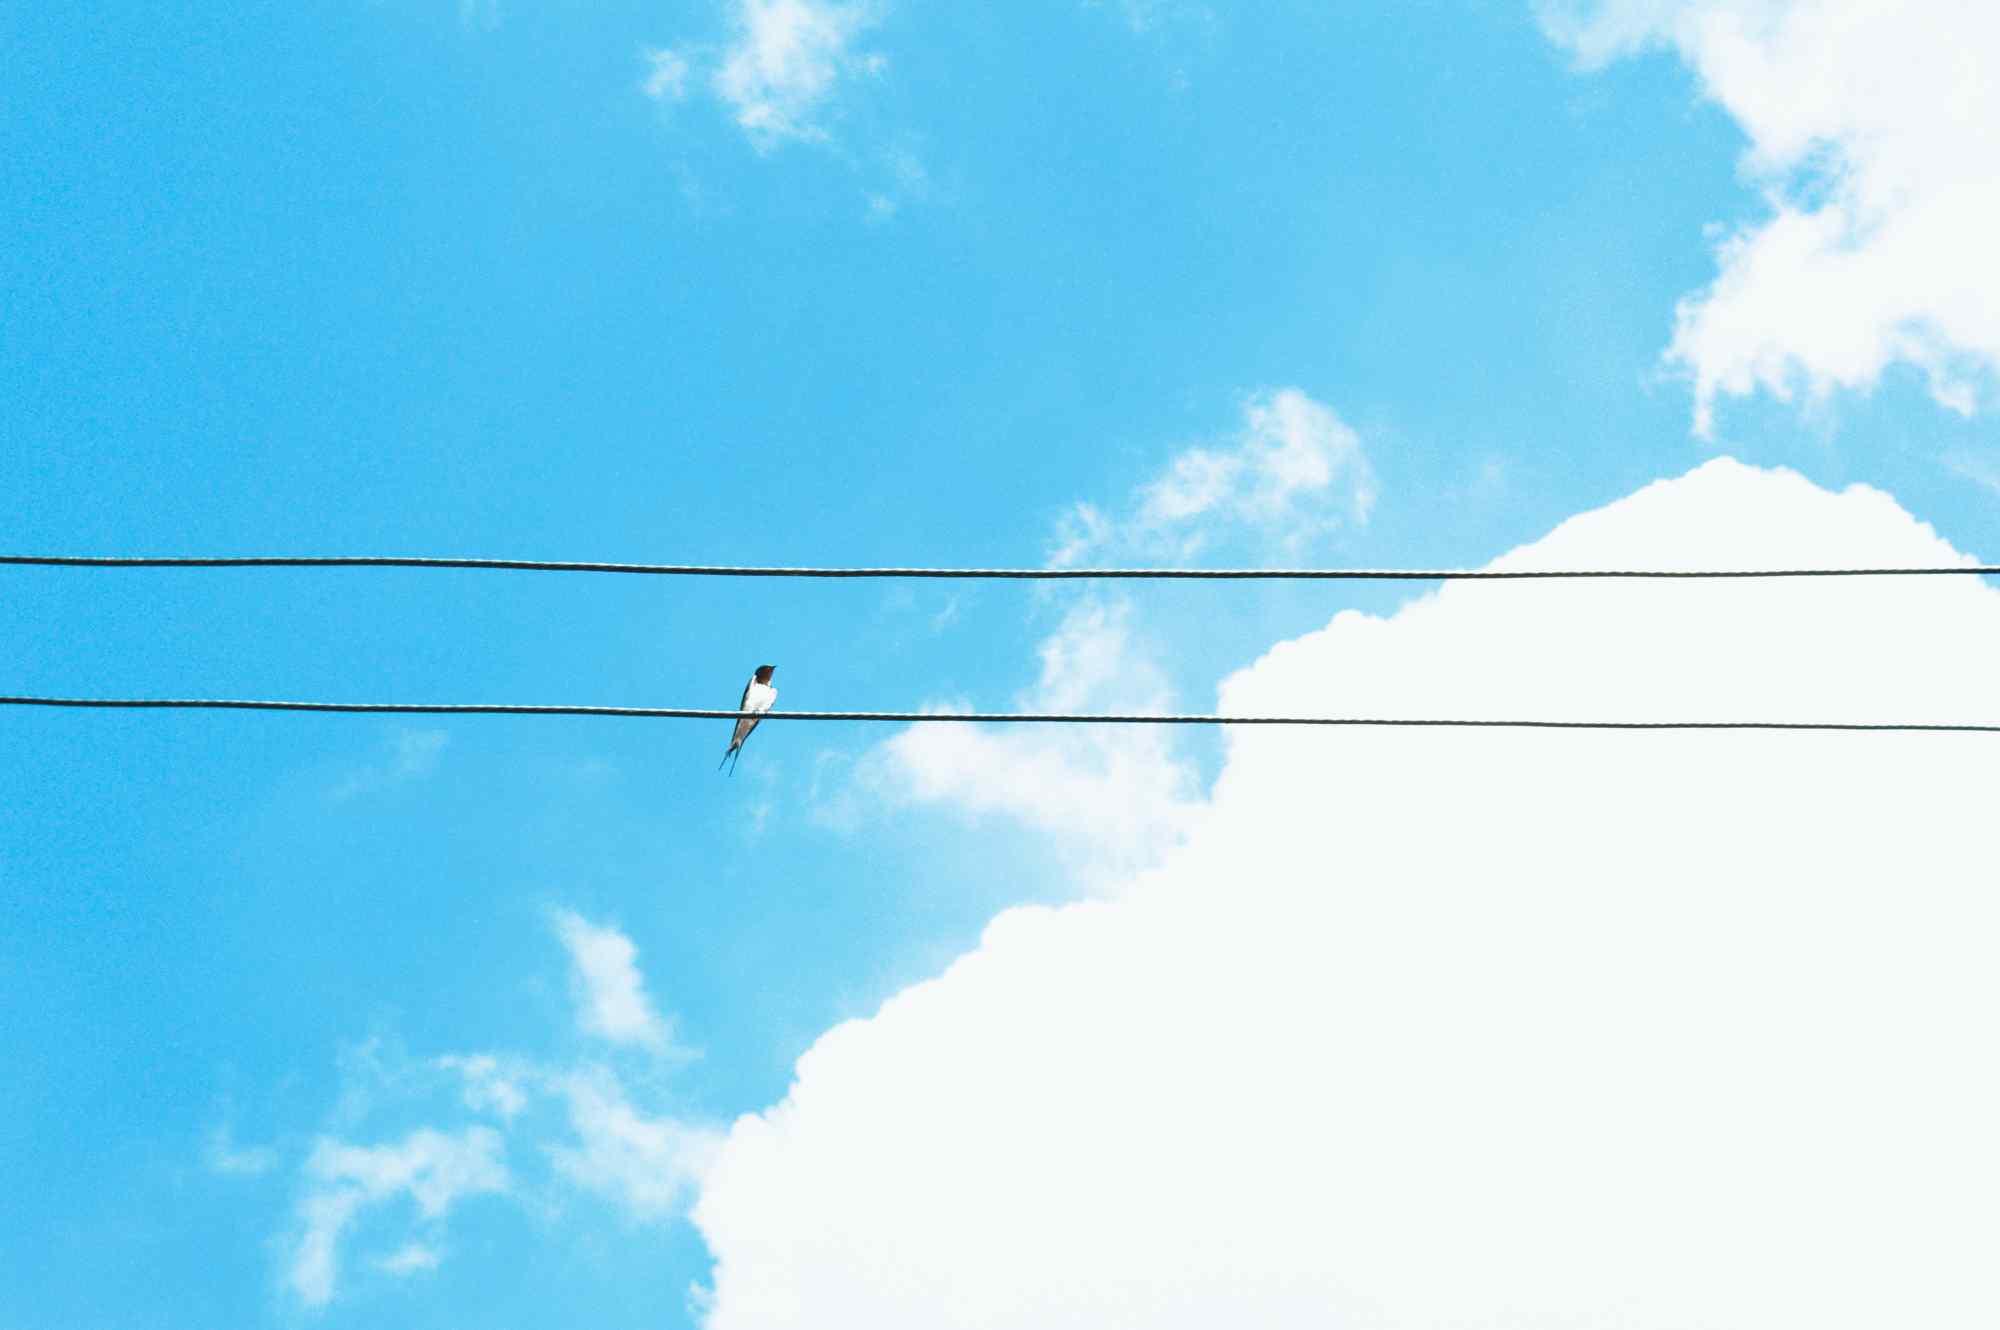 停在电线上的小燕子桌面壁纸